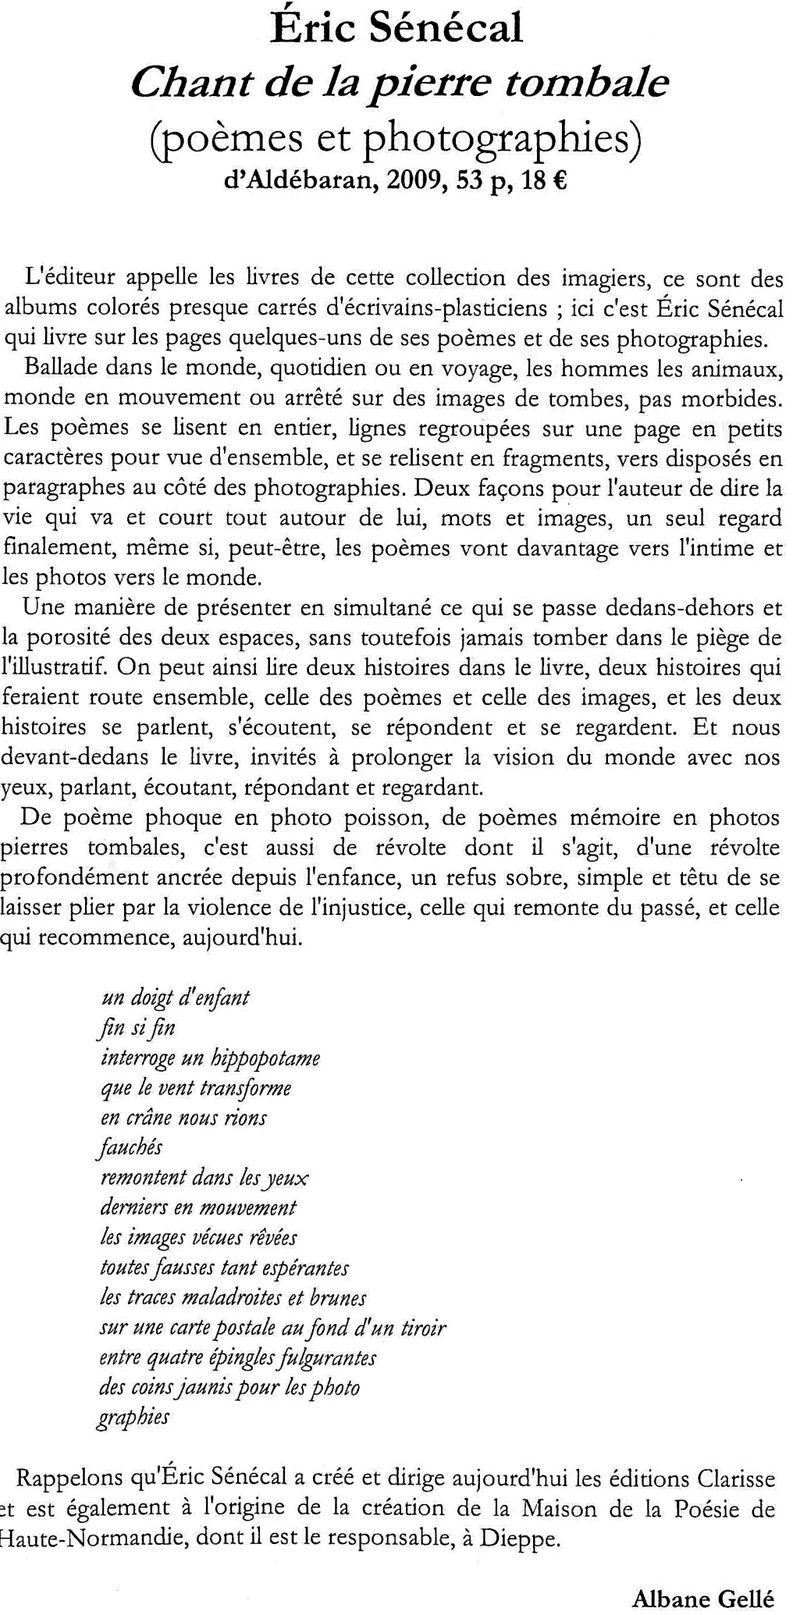 ArticleChantN4728AlbaneGellé